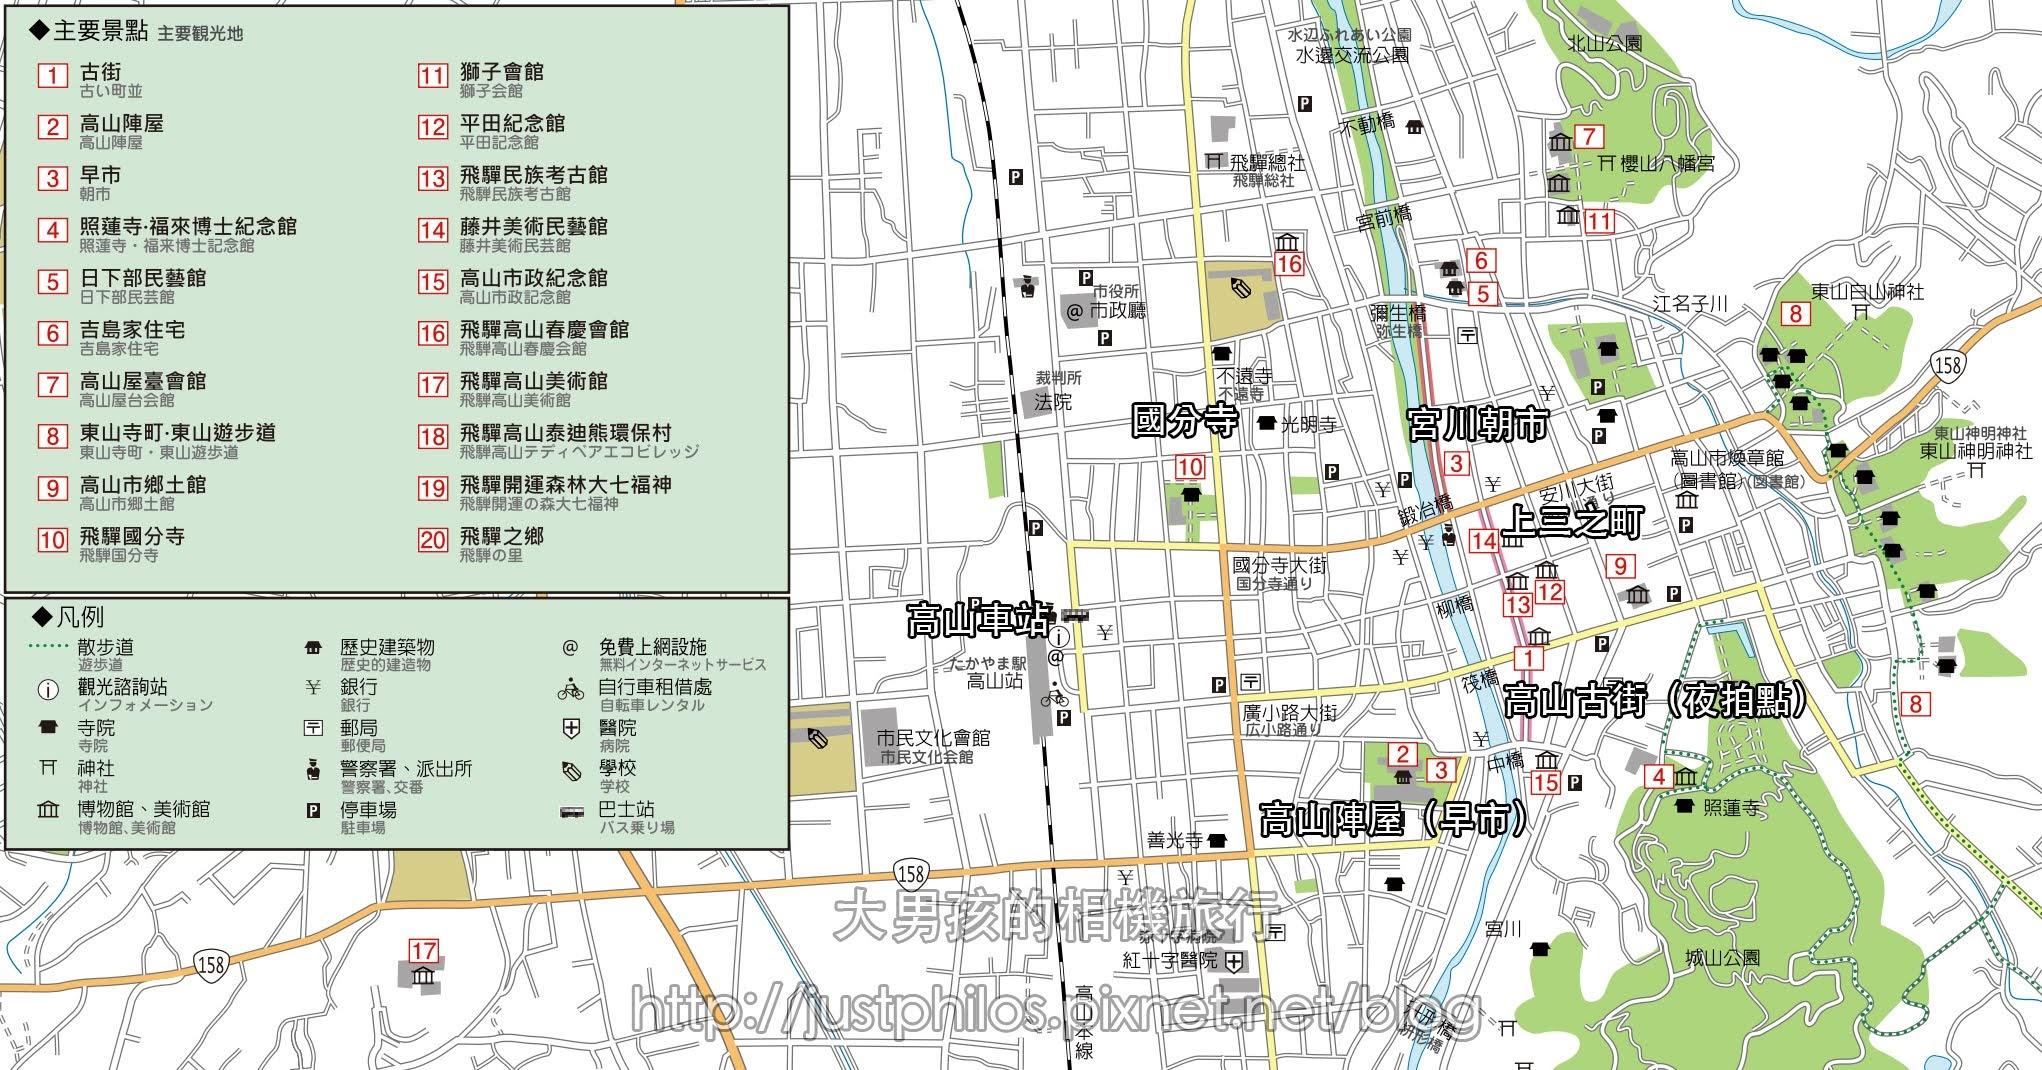 高山市旅遊景點地圖